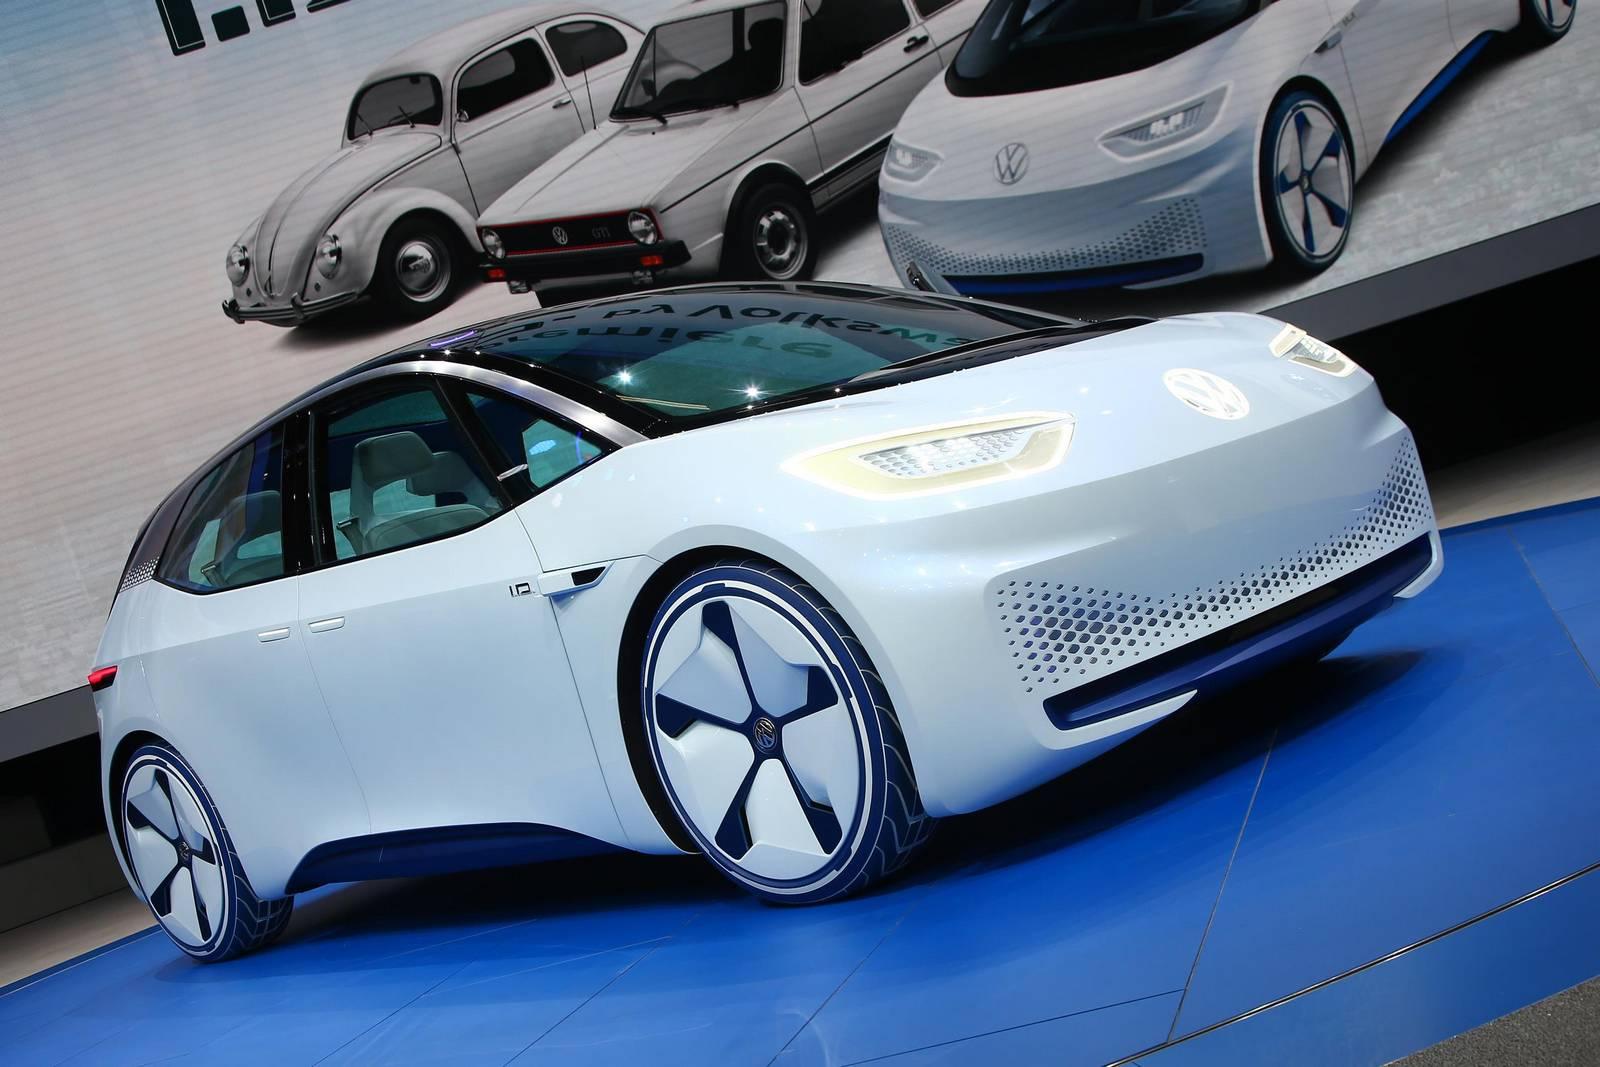 Paris 2016: Volkswagen I.D. Electric Concept Car